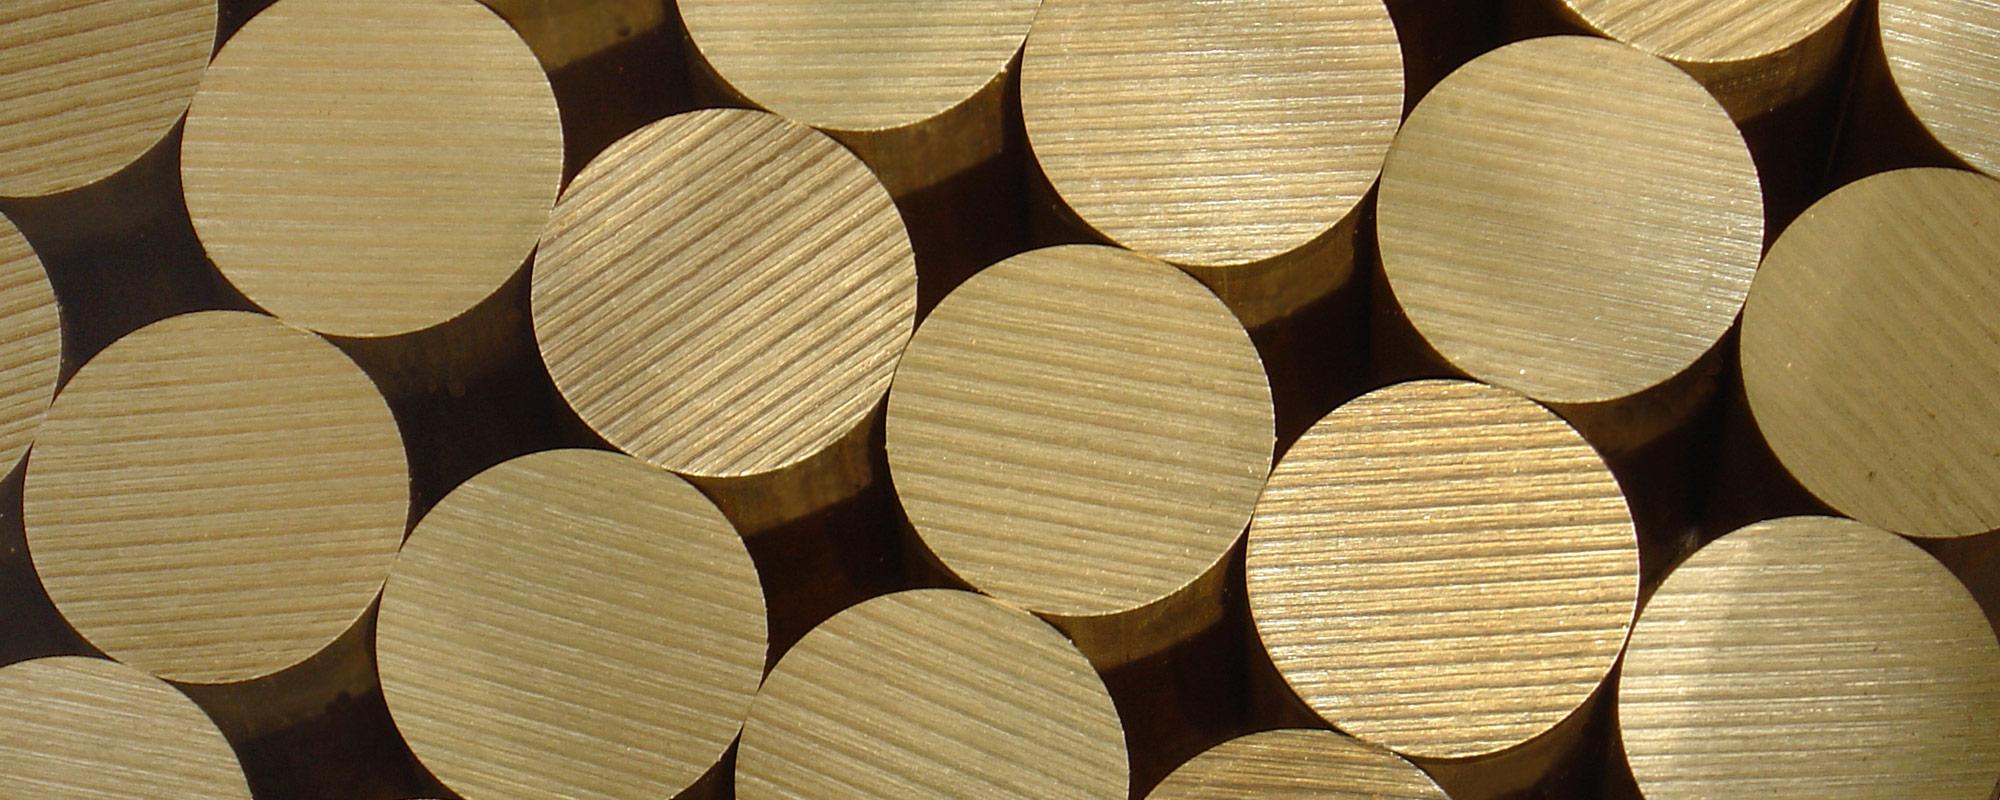 Phosphor Bronze Delivered Nationwide By West Yorkshire